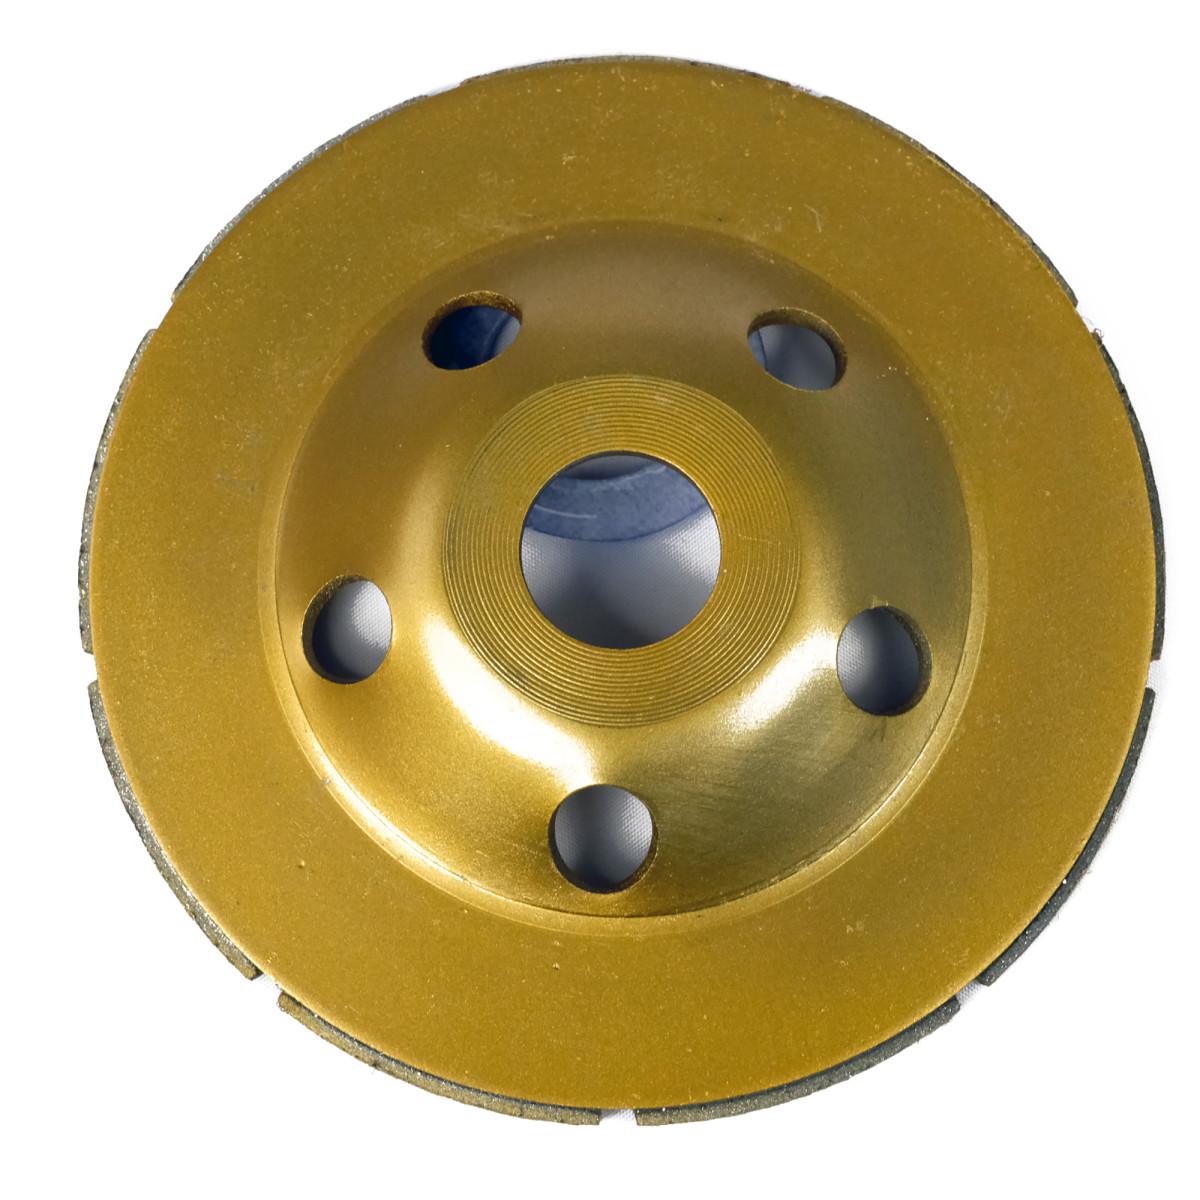 Чашка Алмазная Практика Эксперт 030-948 Шлифовальная 2-Рядная 125 Х 22 1  Блистер